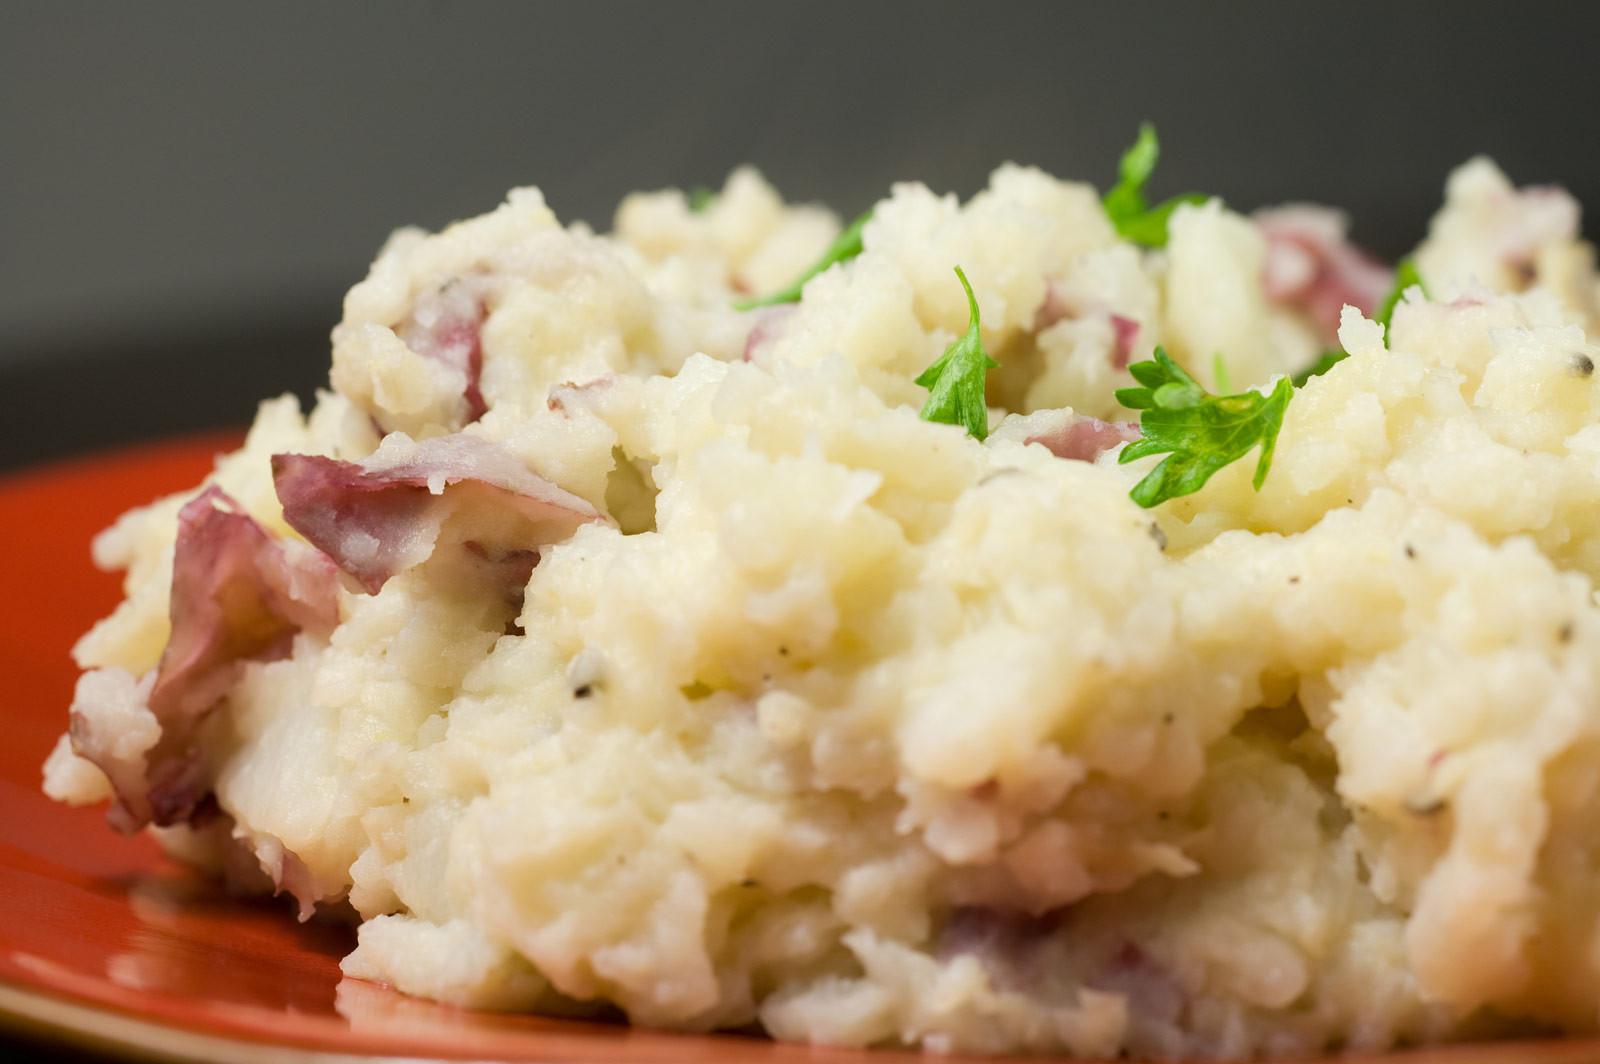 Redskin Mashed Potatoes  The Yankee Chef Lightning Round of Mashed Potatoes